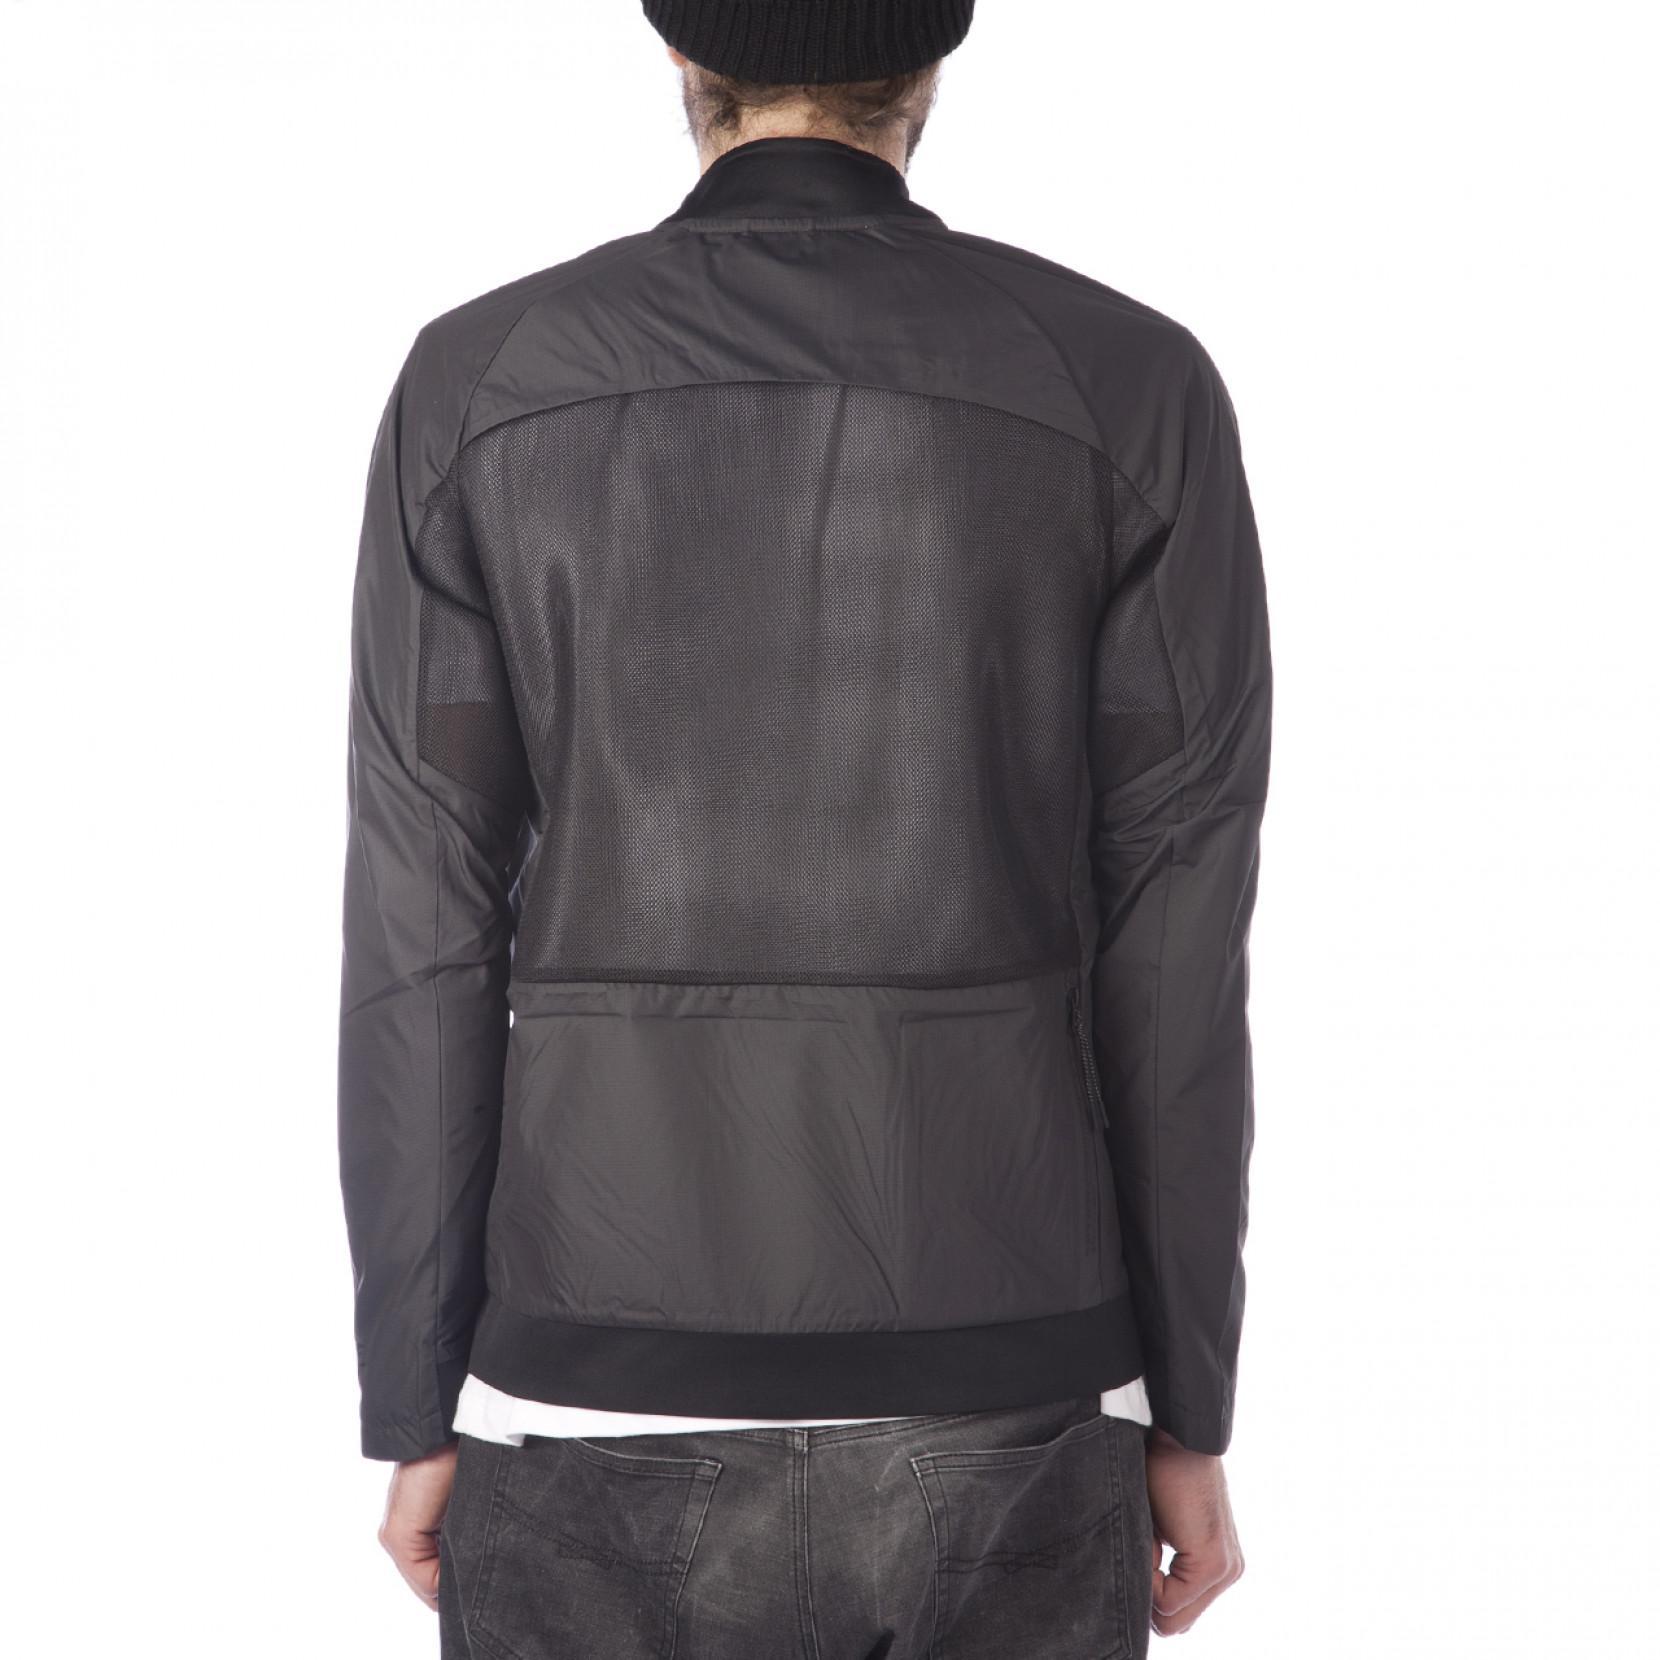 Nike Synthetic Nike Tech Hypermesh Varsity Jacket in Black for Men